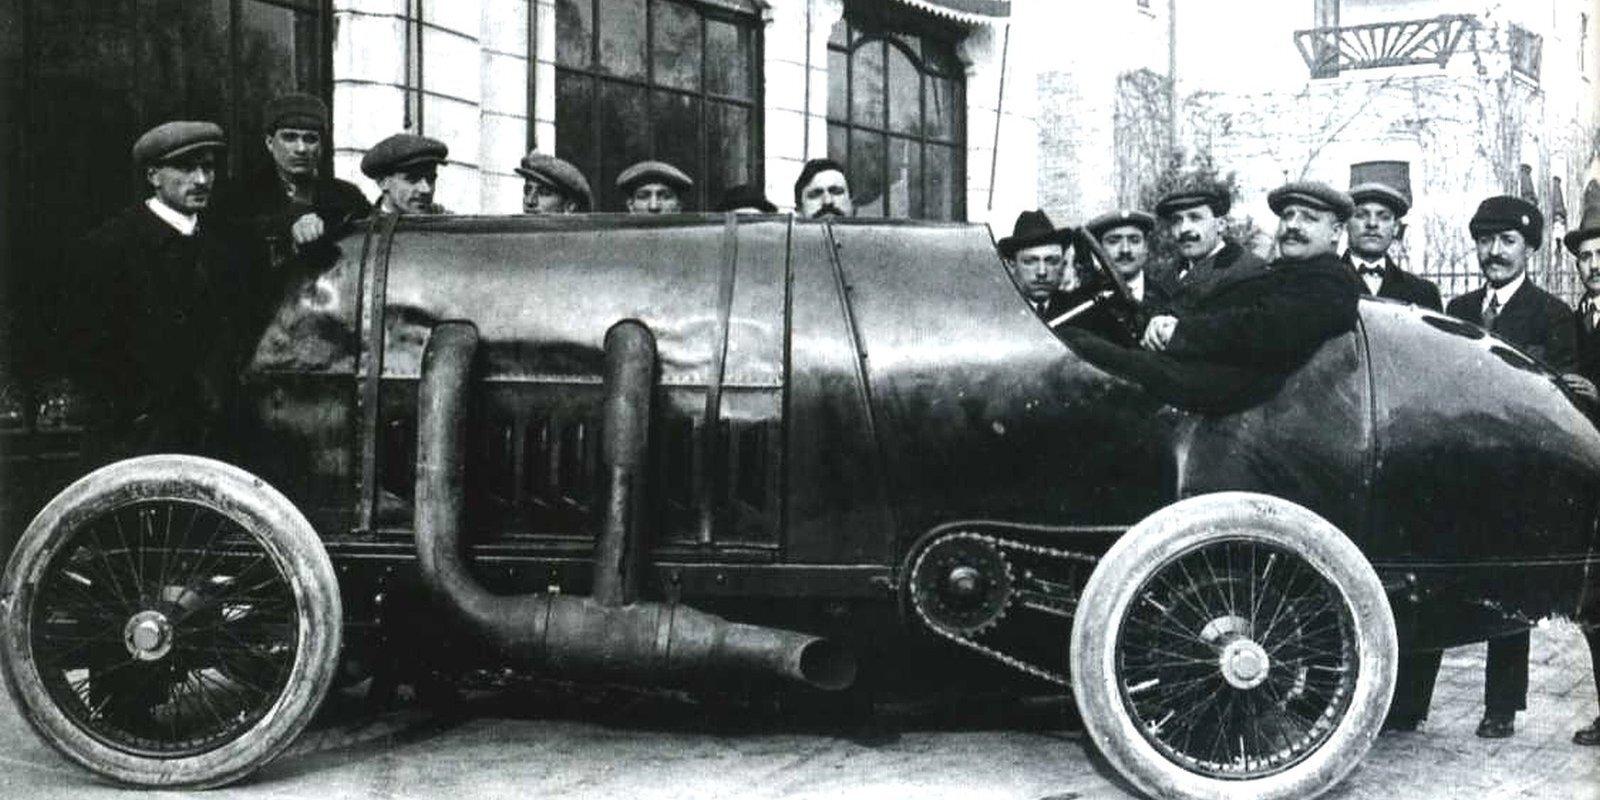 'Turīnas Briesmonis' ar autobūves vēsturē joprojām nepārspēti vislielāko motoru